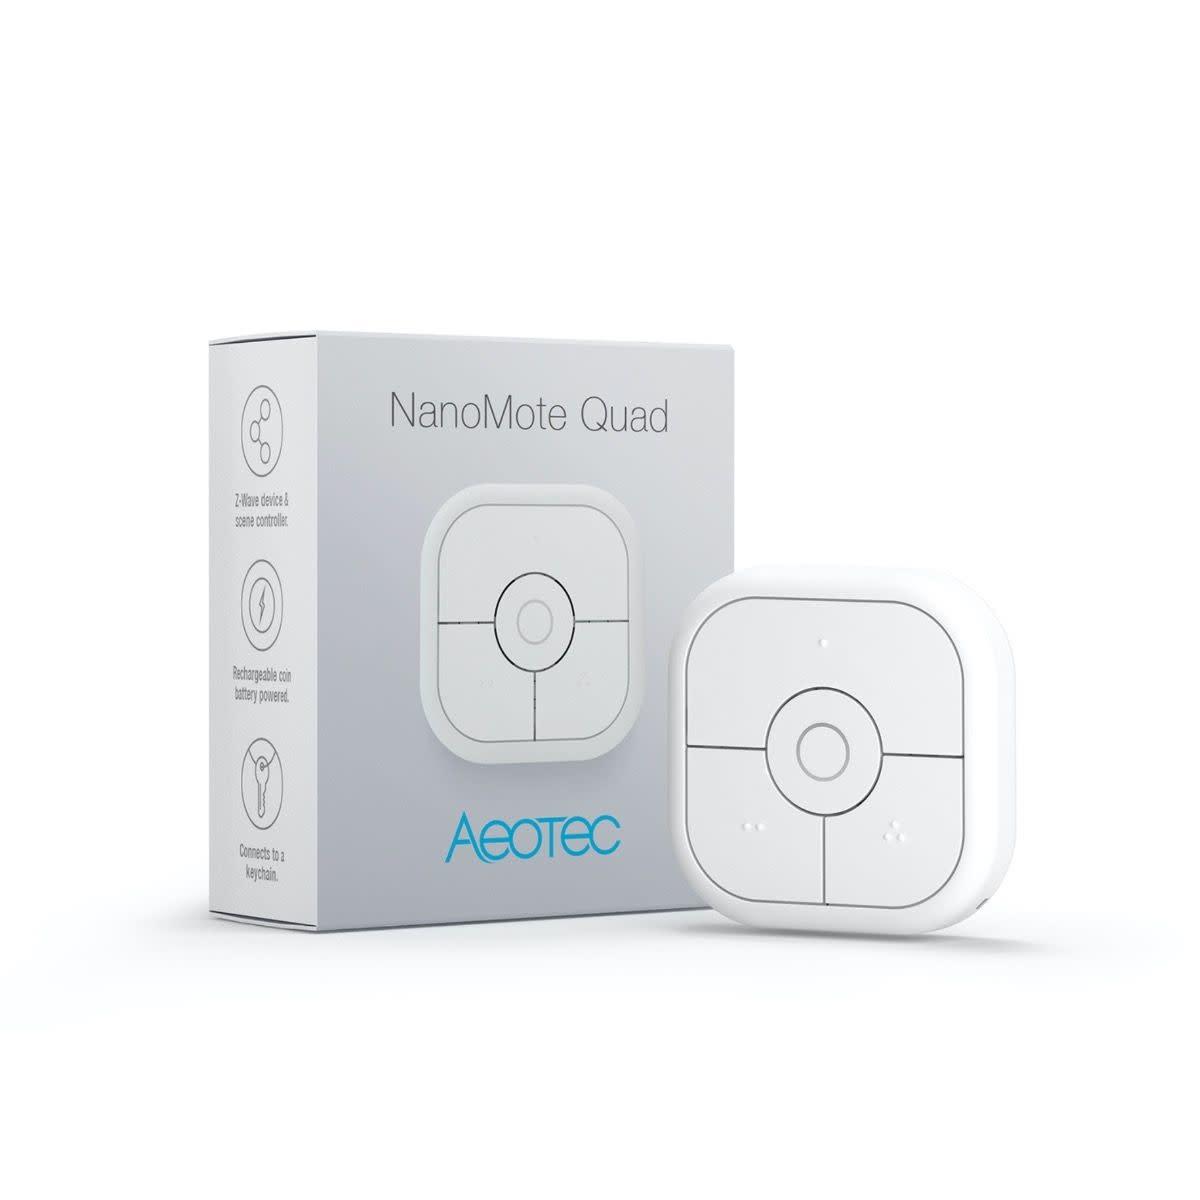 AEOTEC AEOTEC NanoMote Quad Z-wave Plus